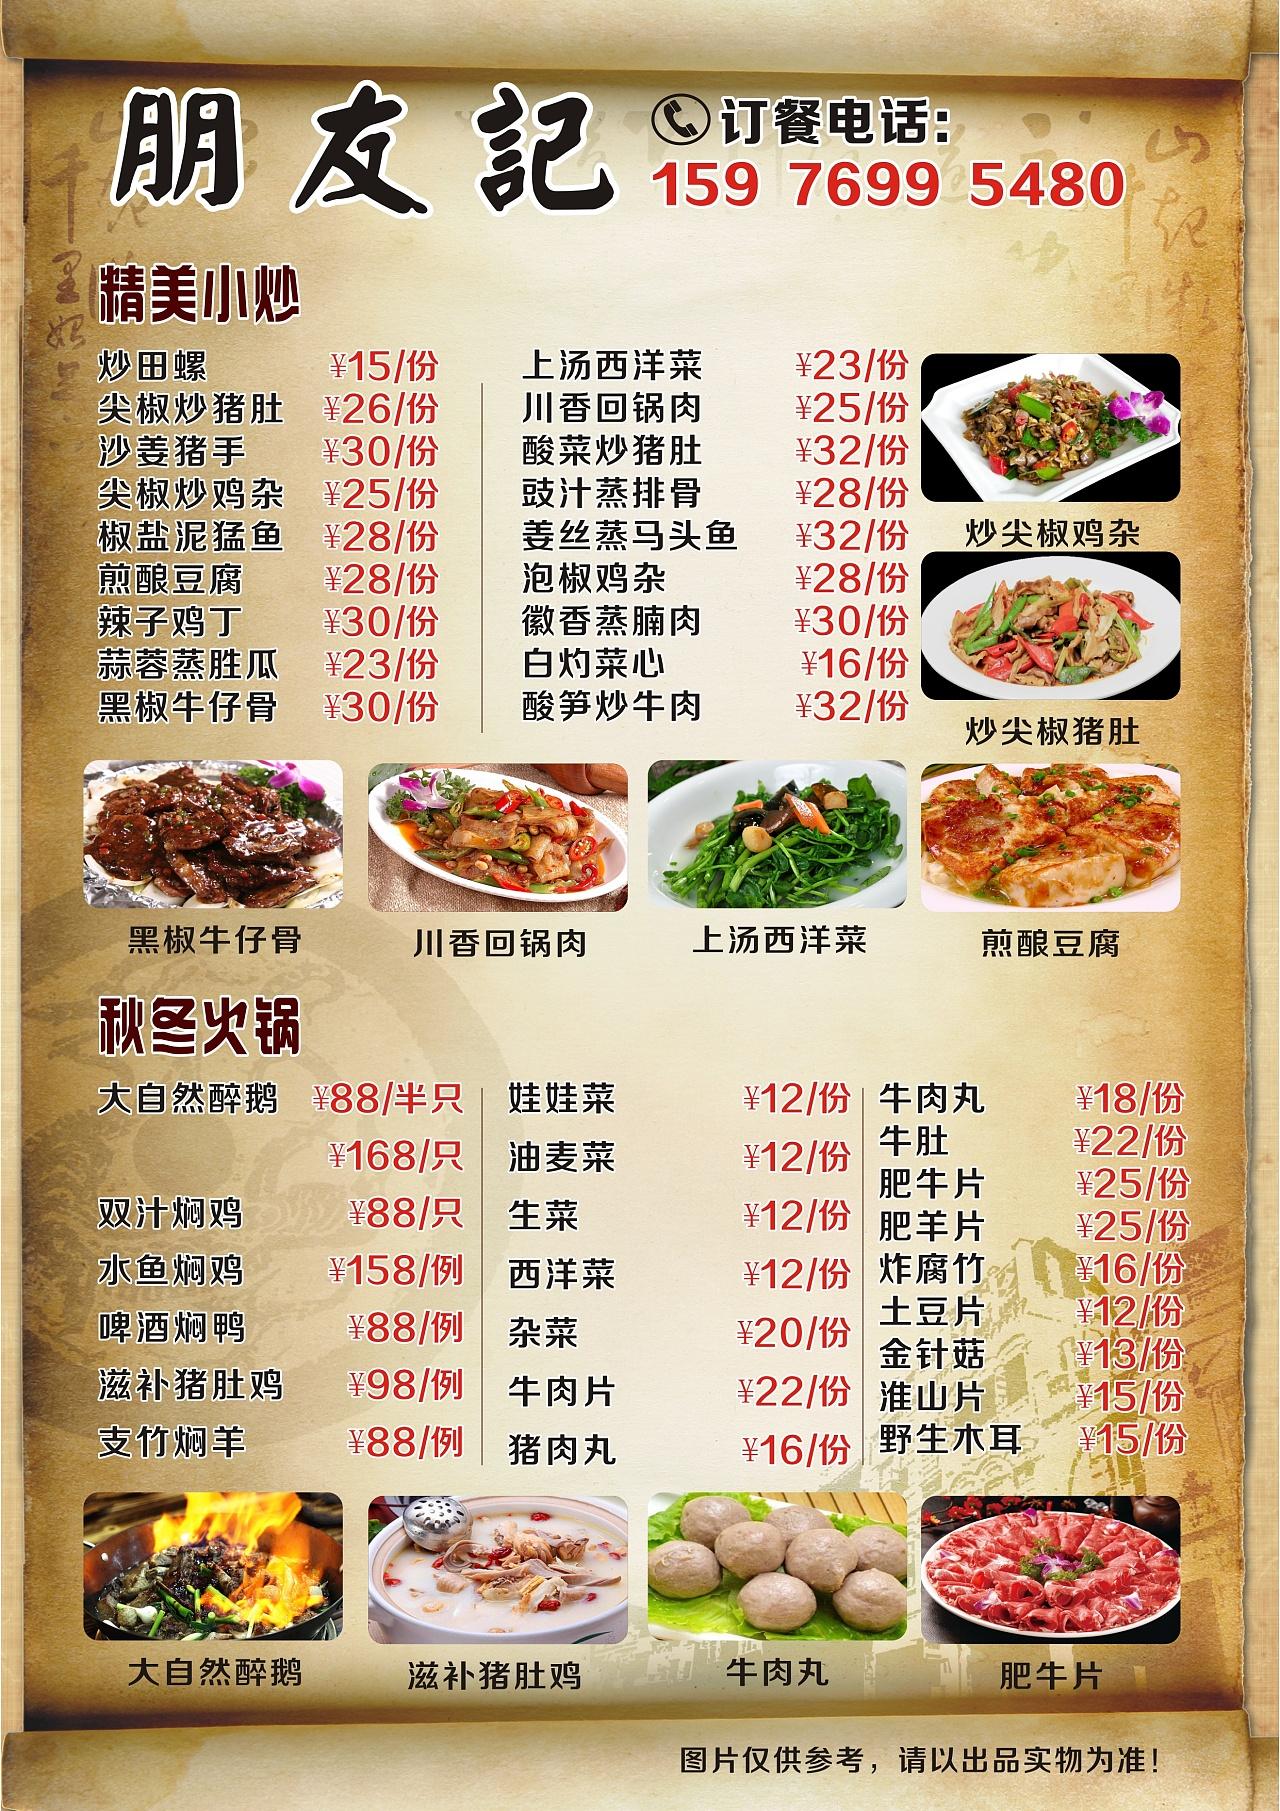 徐州美食新区|平面|宣传品|SSSION-原创作品美食西关万达菜单图片